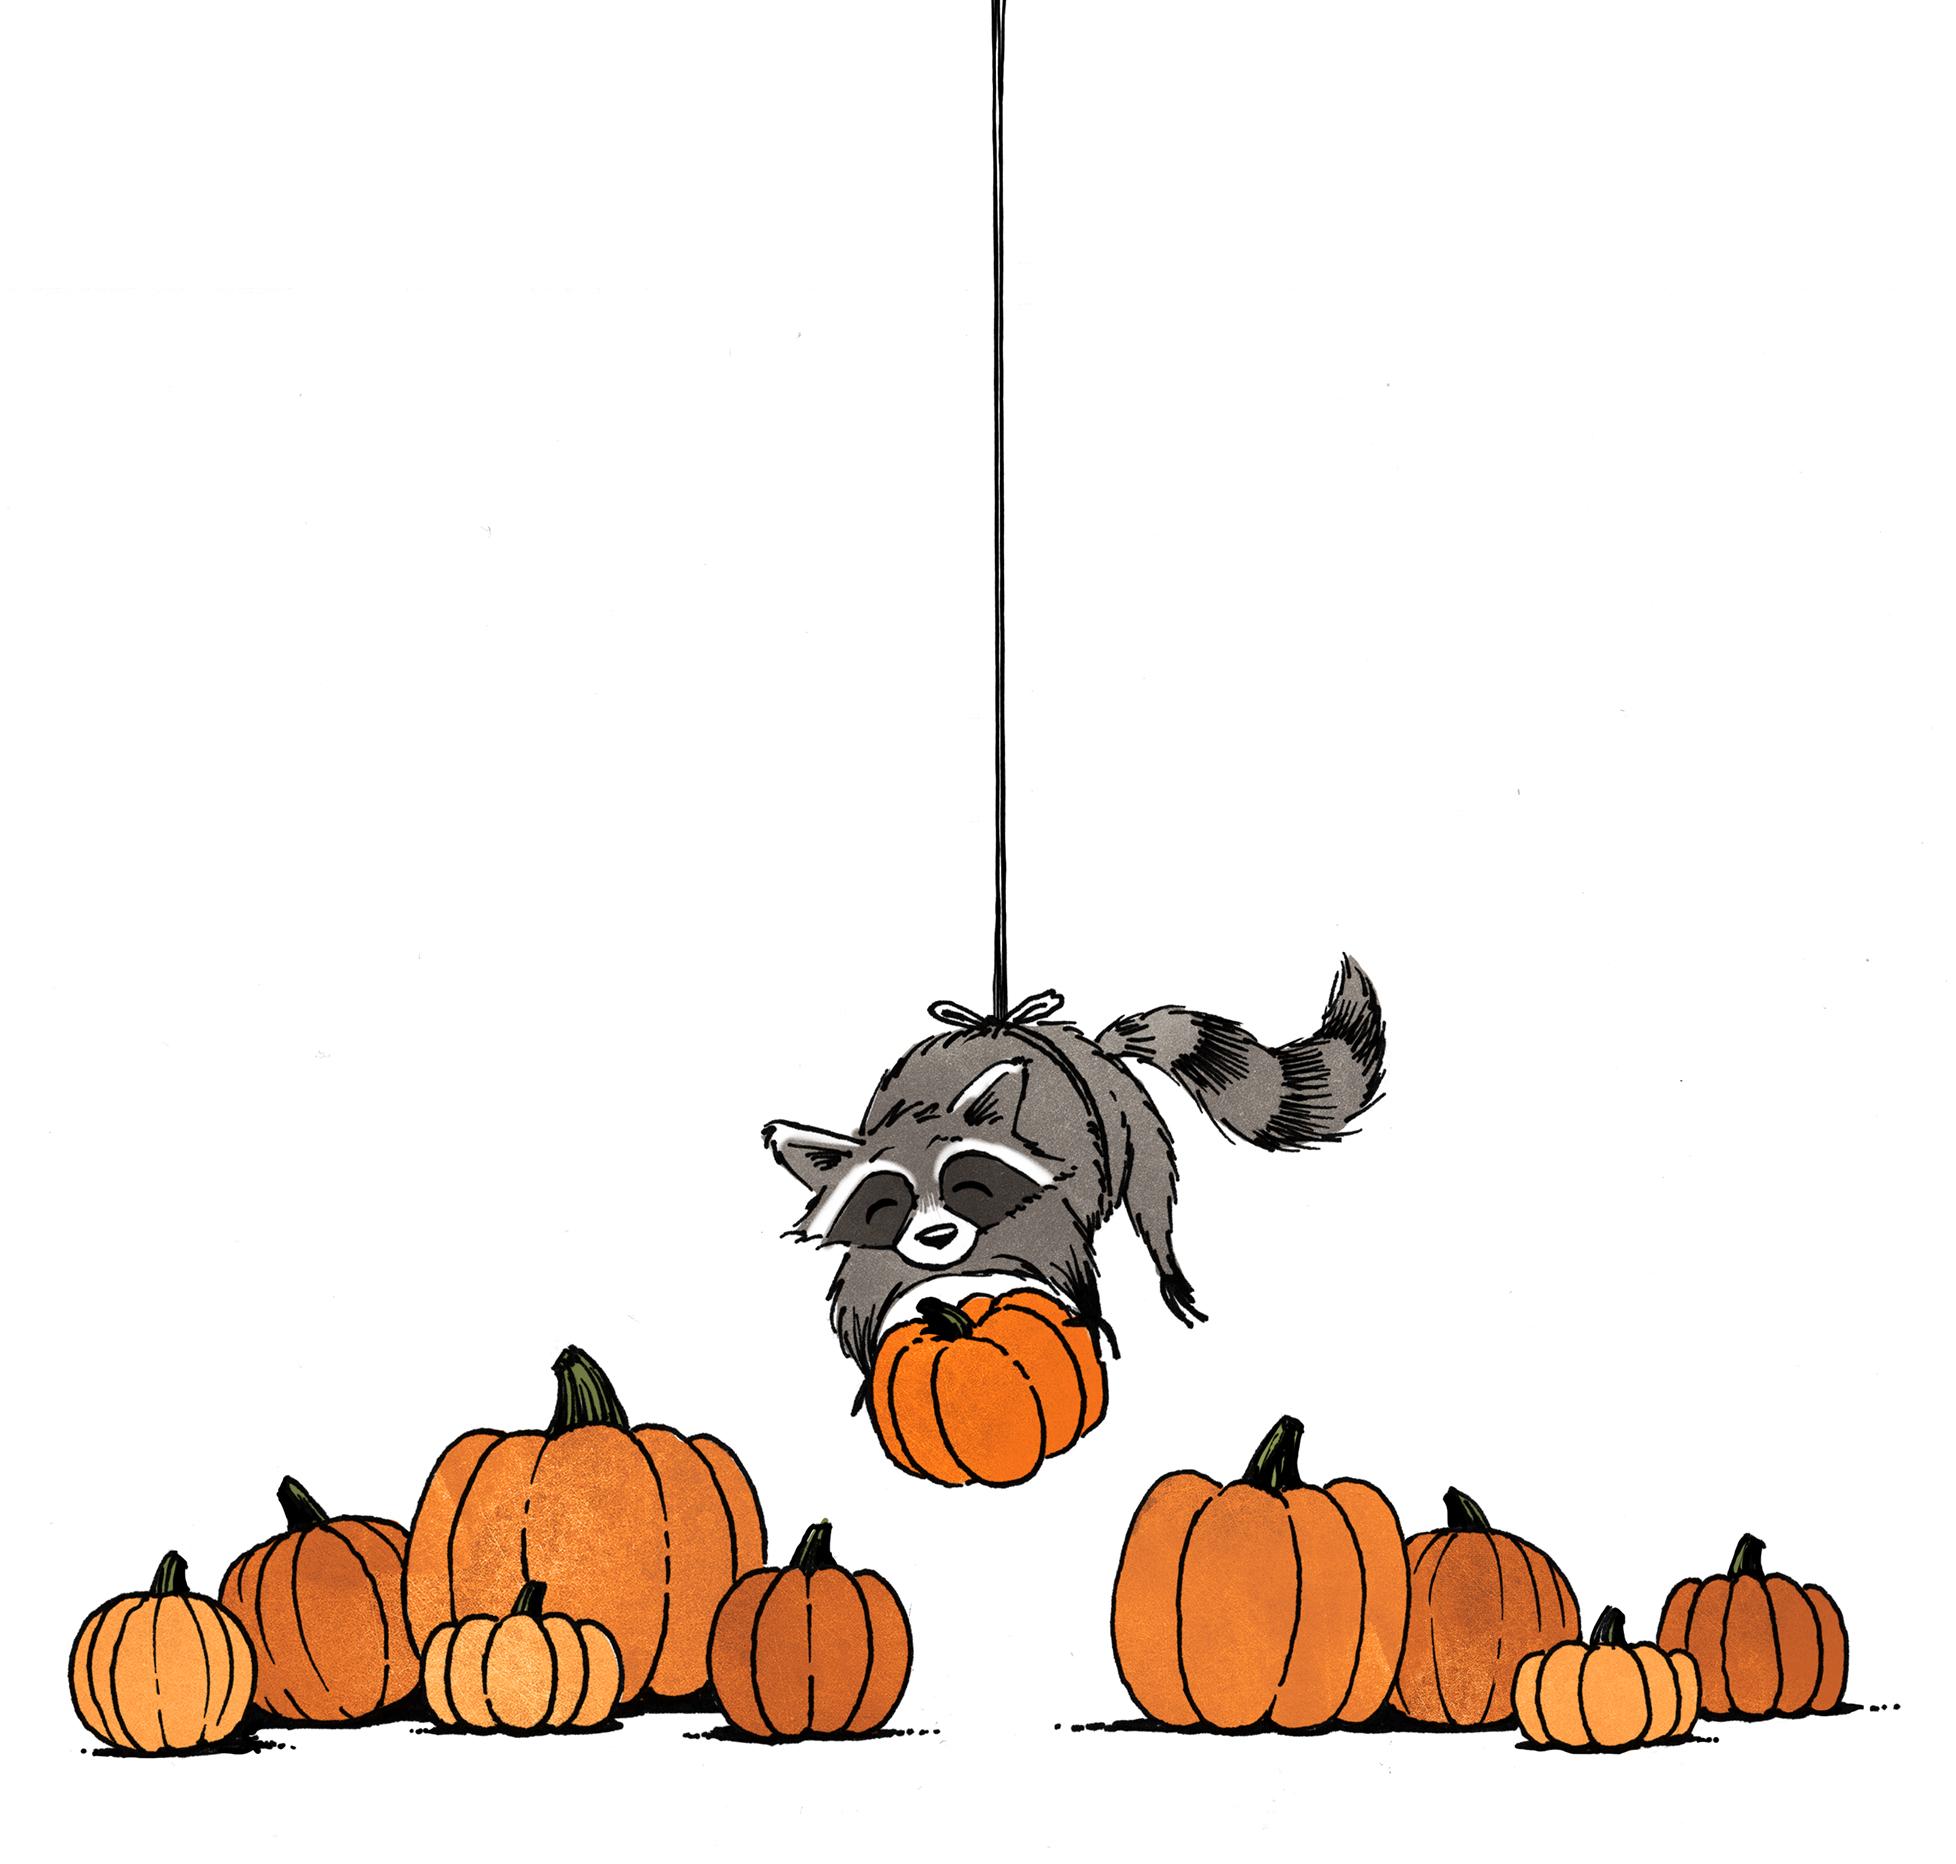 P1 Raccoon.jpg